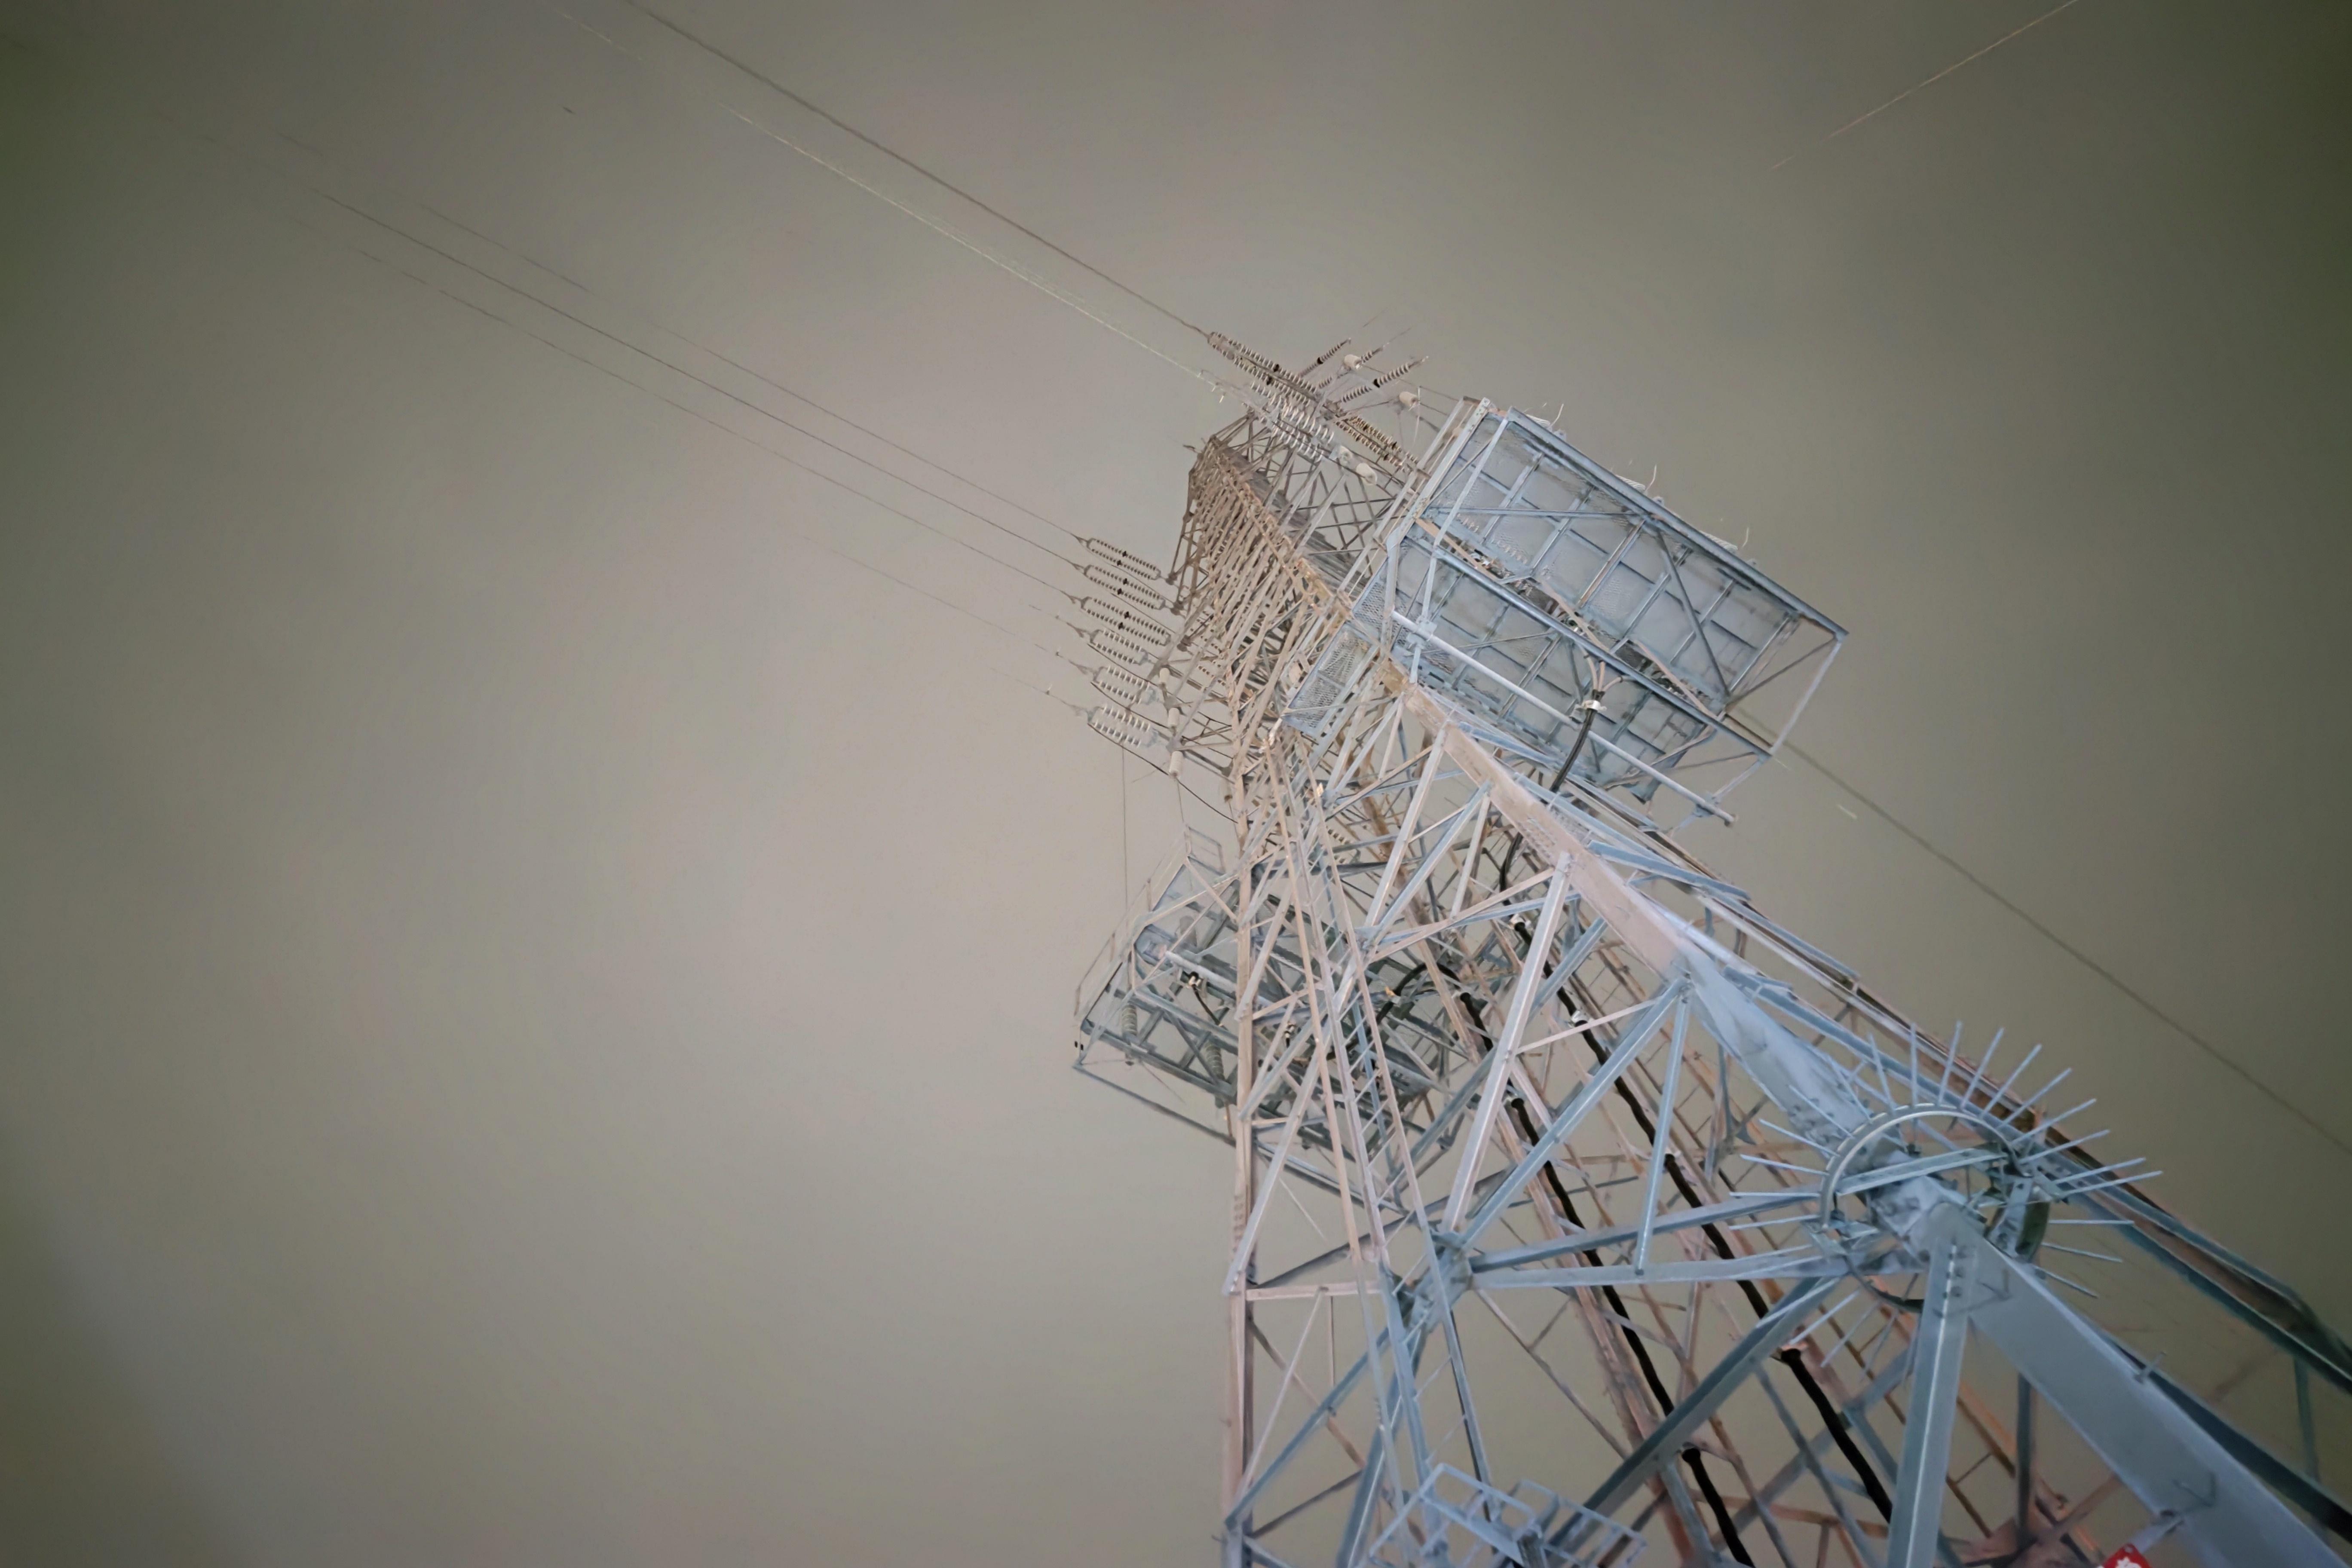 夜の鉄塔も明るく撮影できた。画面外からの光でフレアが出ている。強烈な光には弱いので撮影時には注意したい。ISO:1125